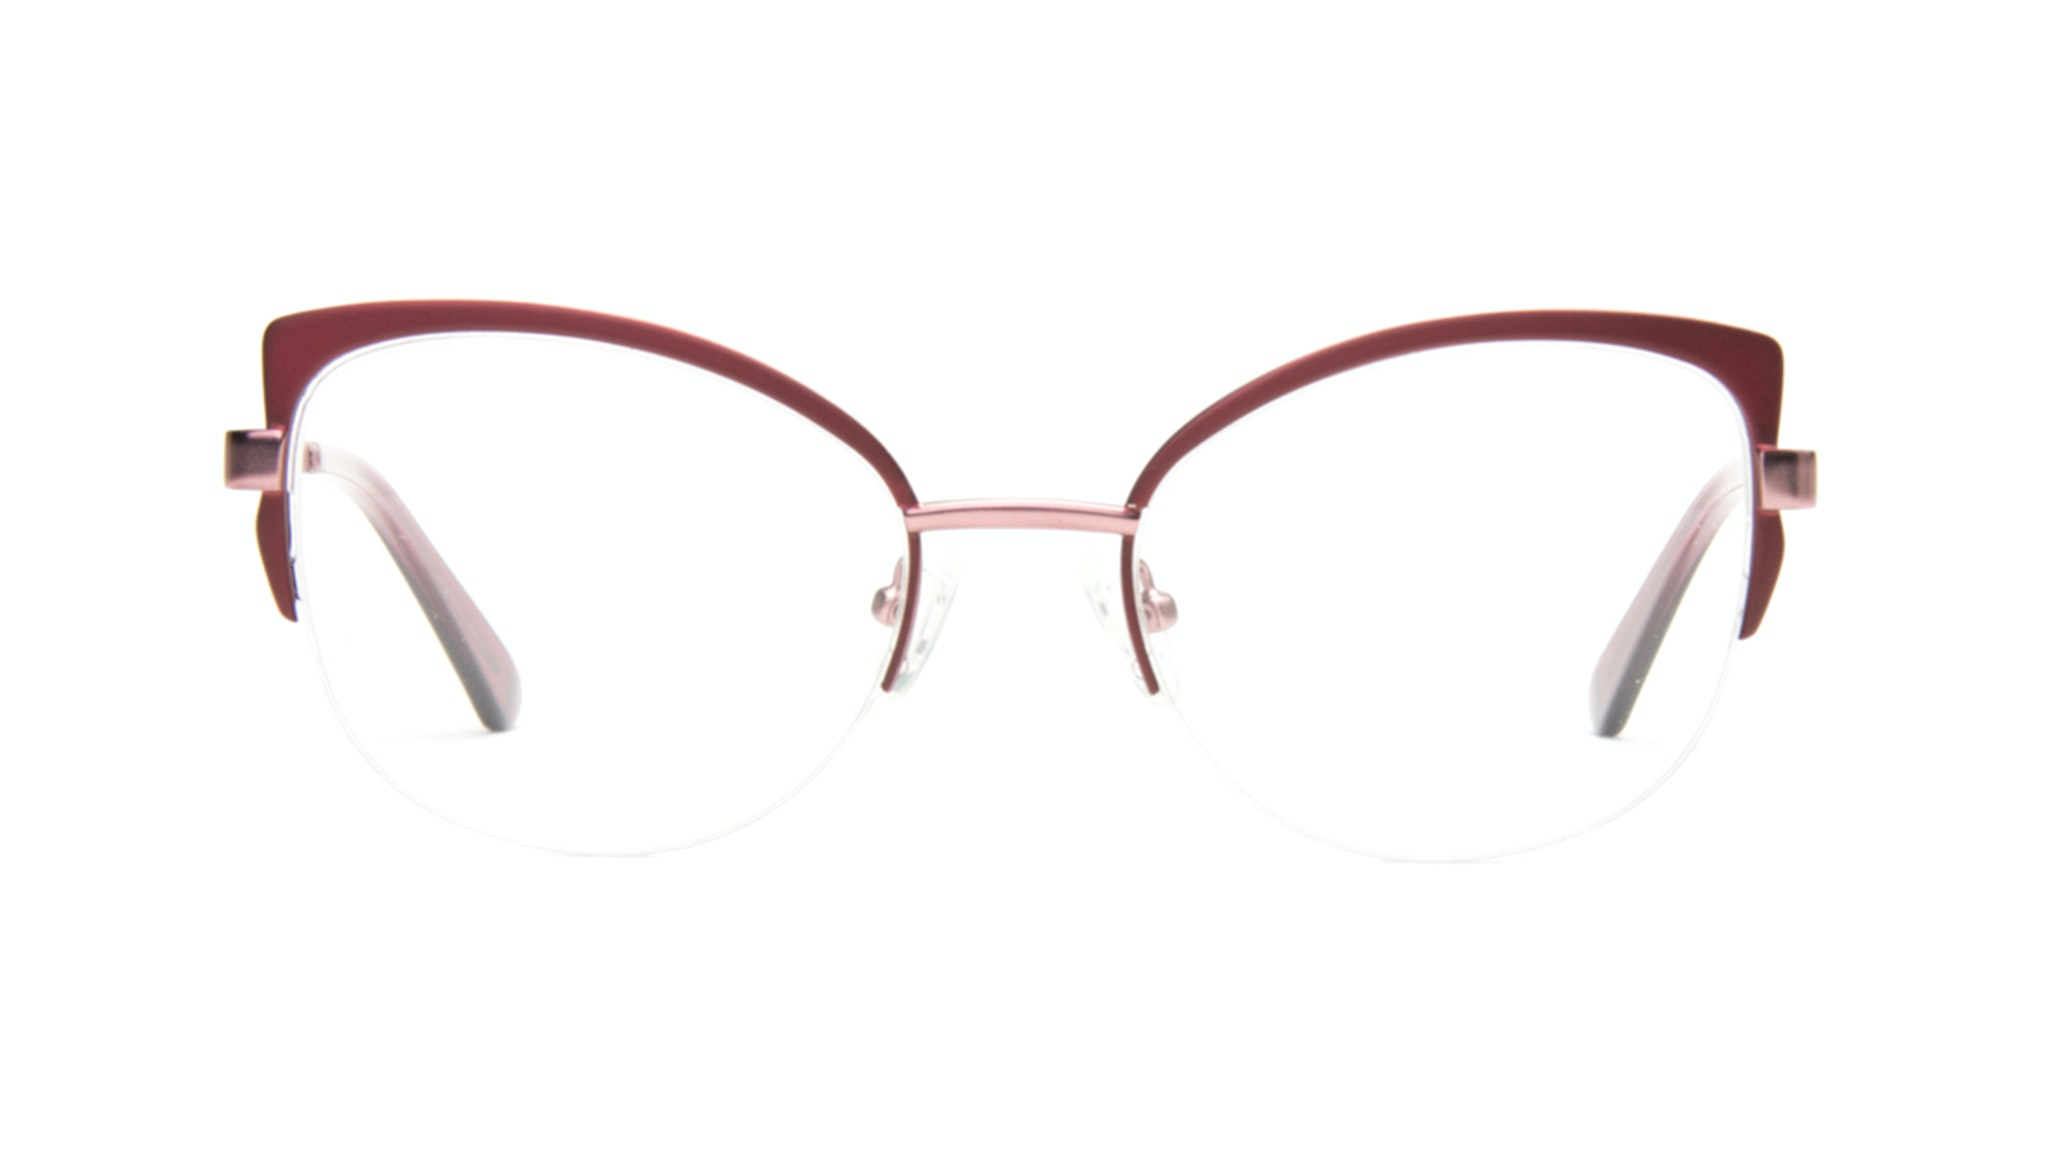 Lunettes tendance Oeil de chat Optiques Femmes Adore Cranberry